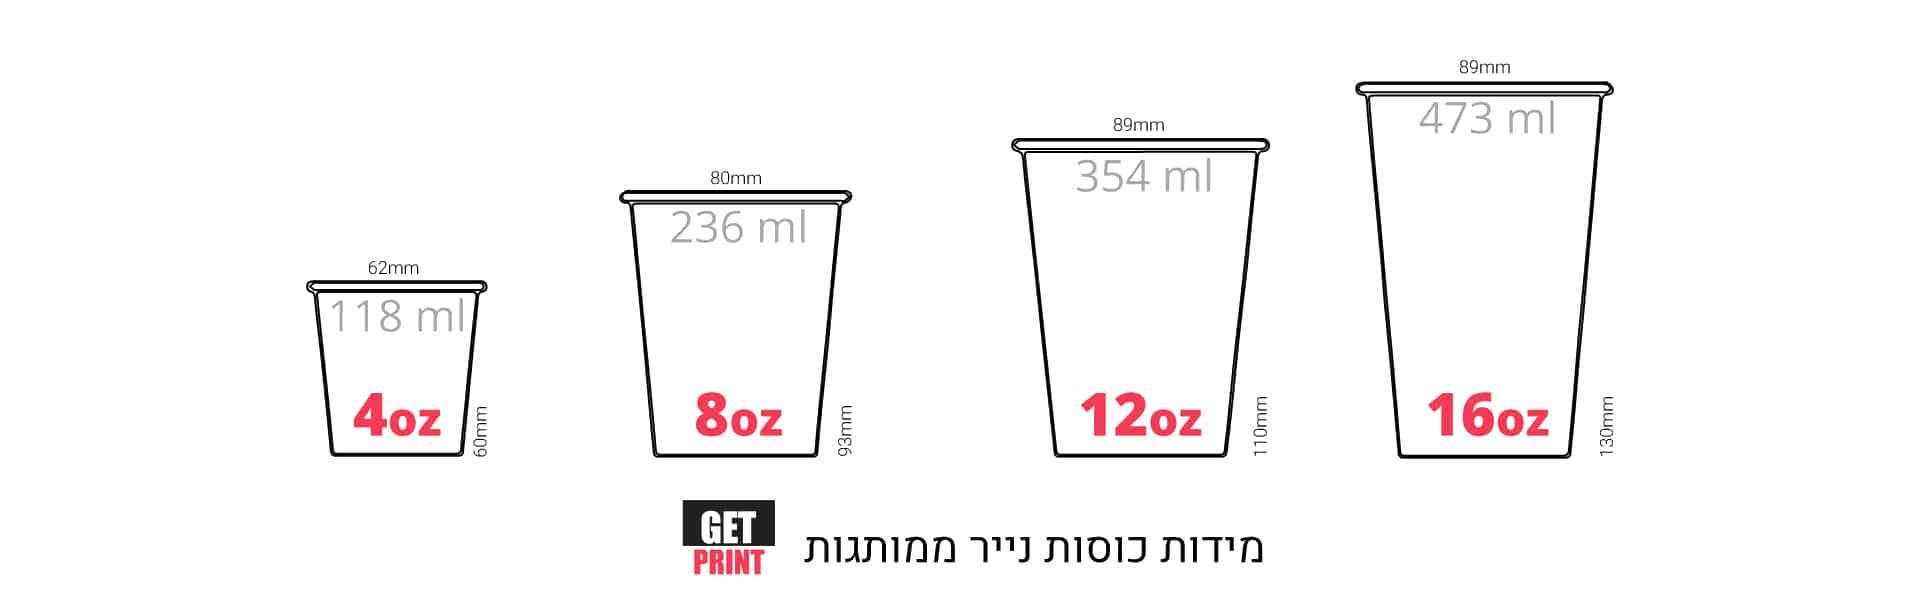 מידות כוסות נייר קפה חד פעמיות מעוצבות